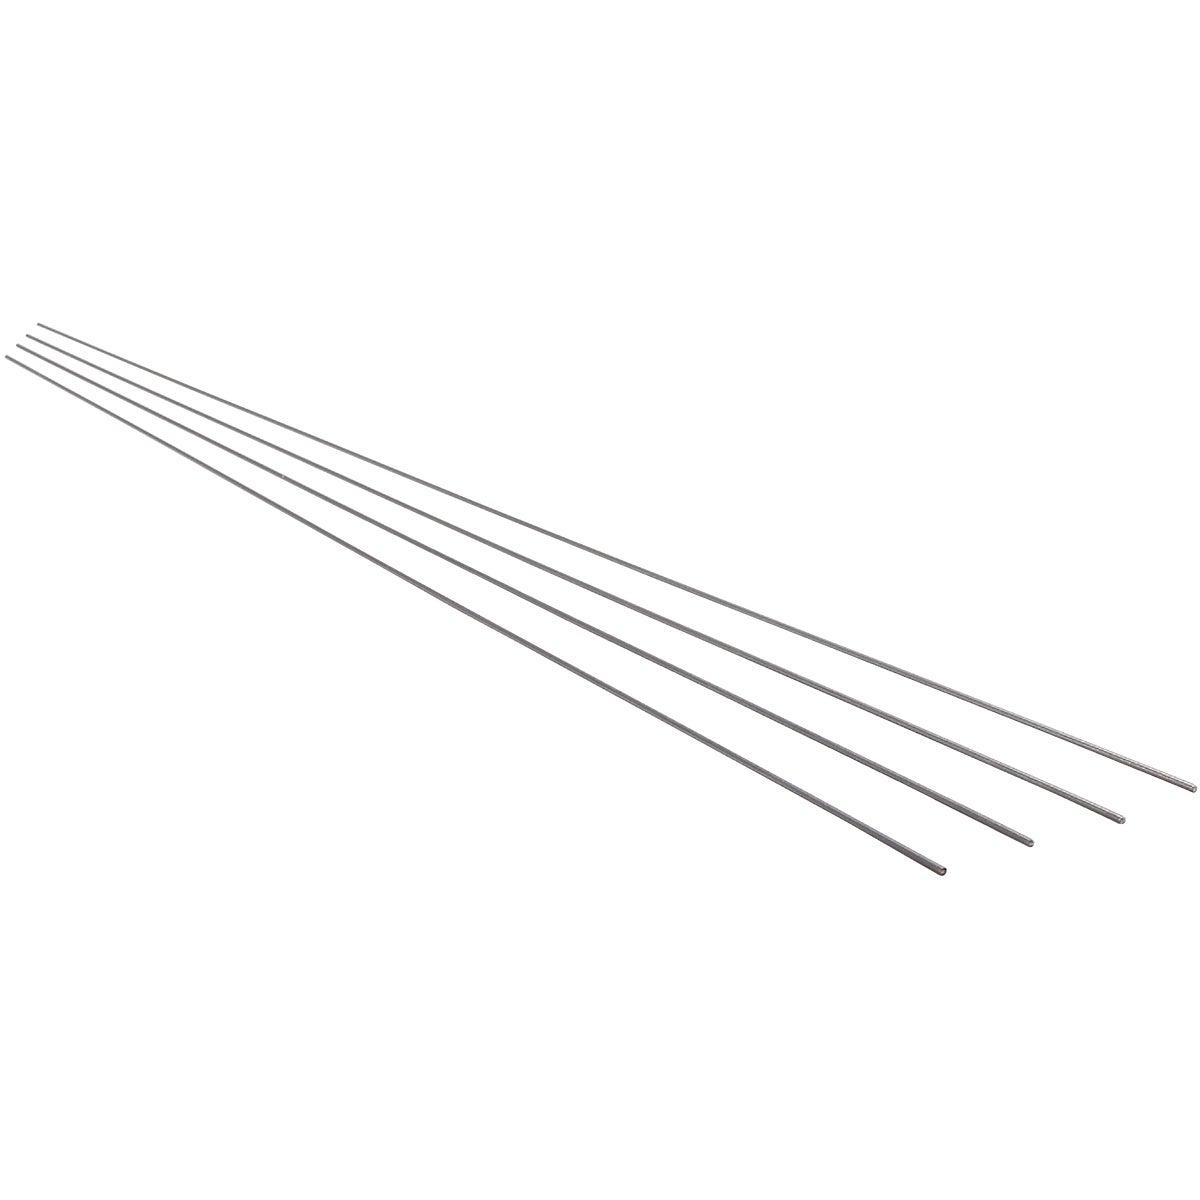 K&S .025 In. x 36 In. Steel Music Wire